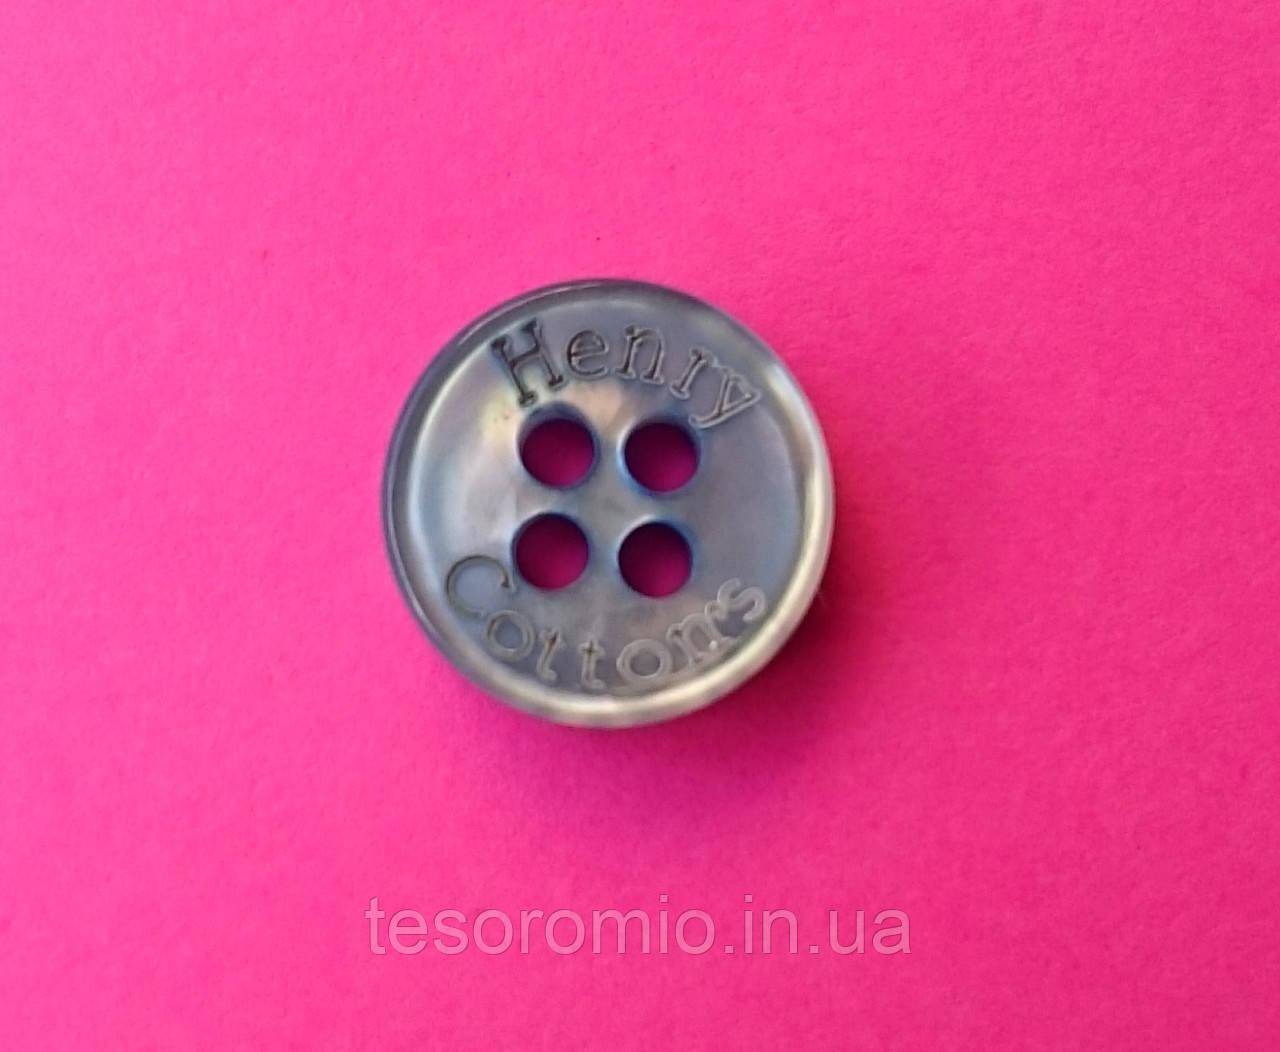 Пуговица рубашечная перламутровая, диаметр 10 мм